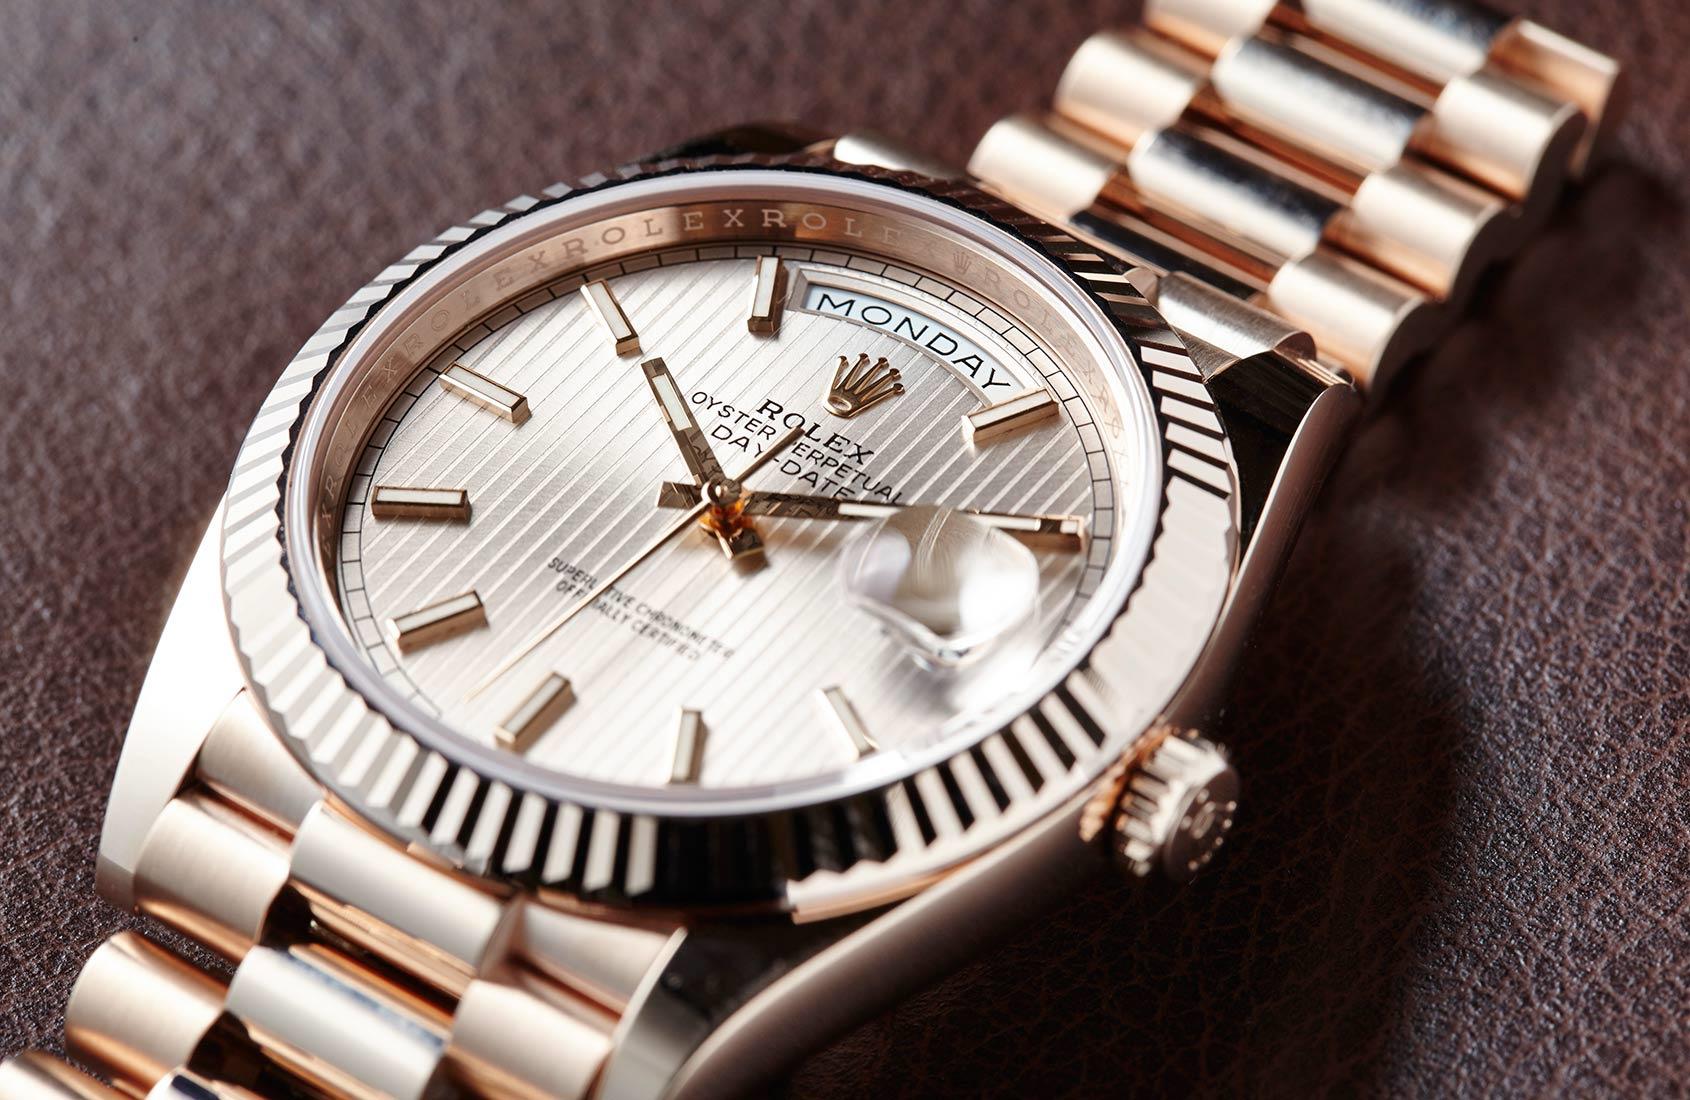 В наши дни наручные часы рассматриваются больше как символ статуса, нежели  устройство для определения времени. Сейчас практически любые электронные ... aac63538c7c